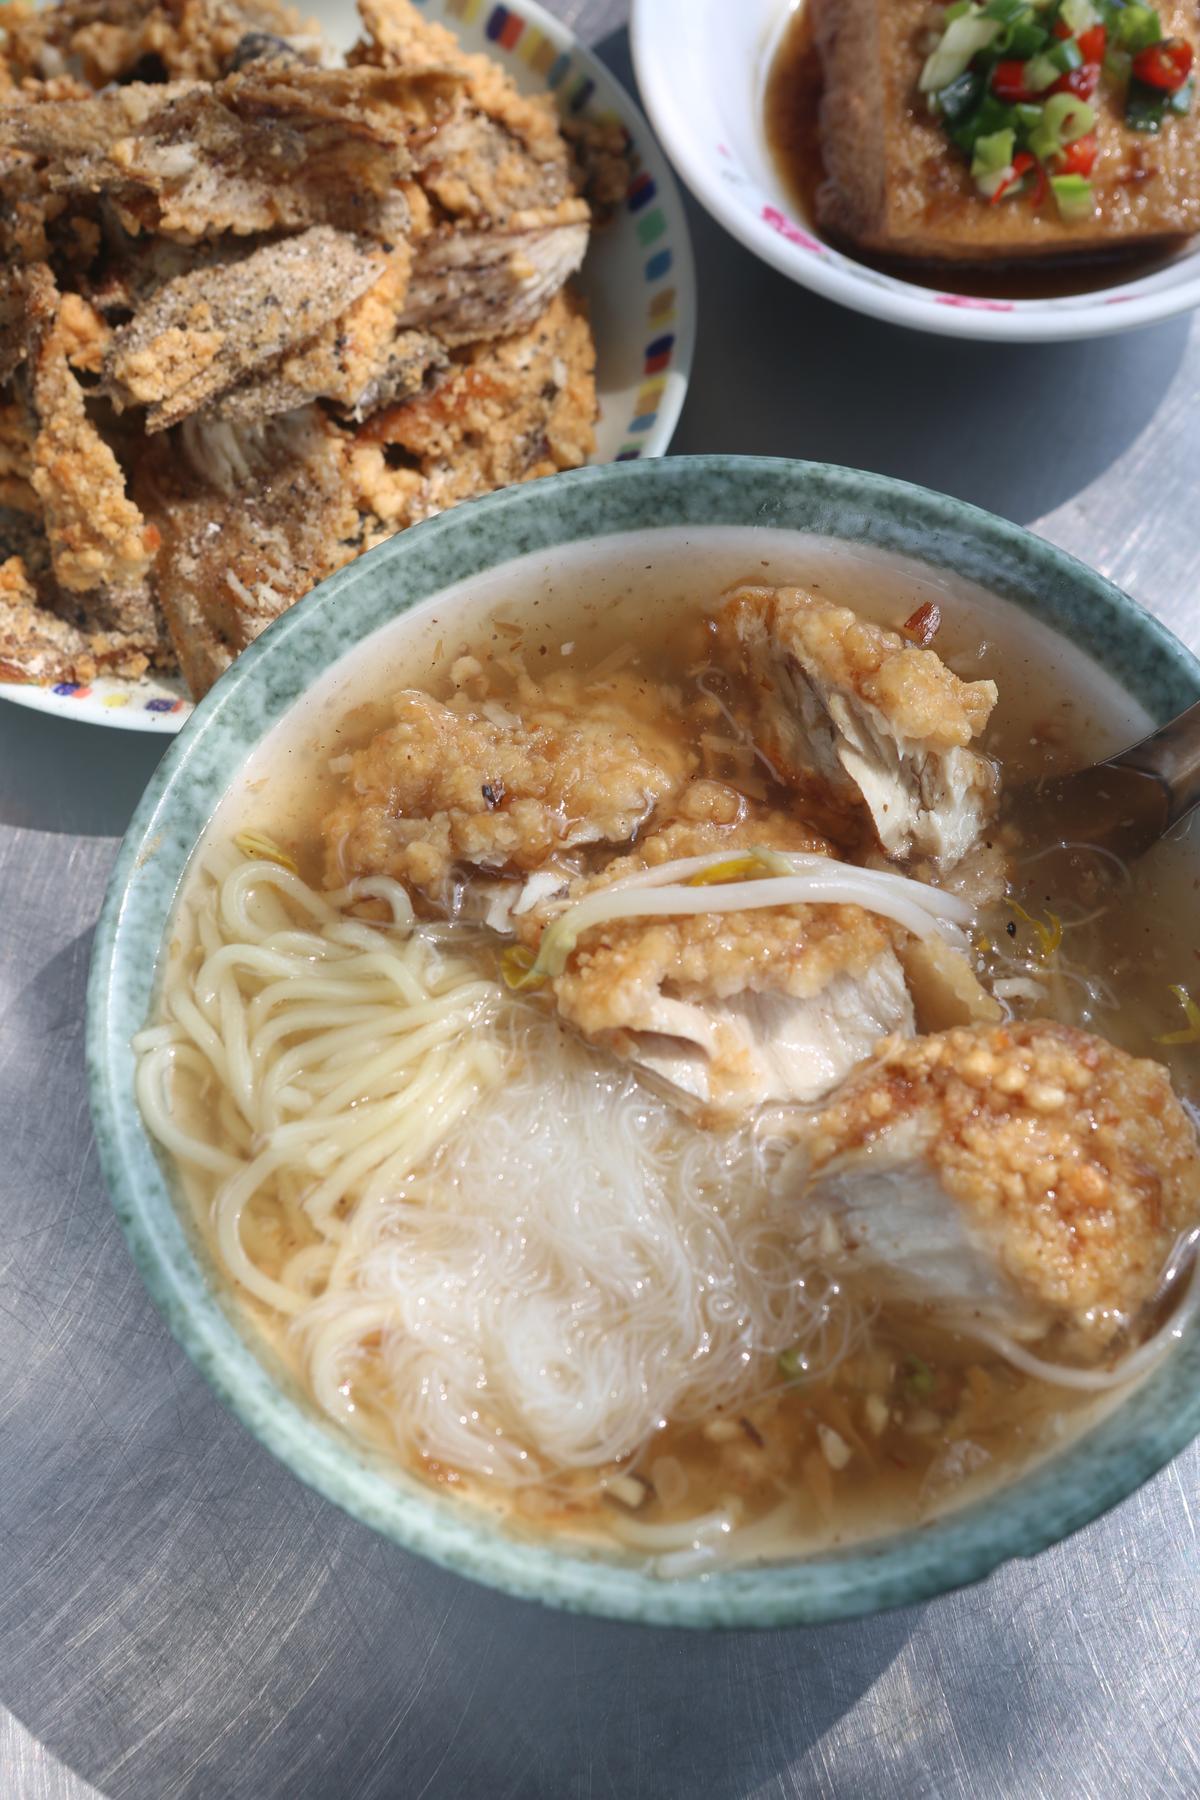 土魠魚焿(11月調價為90/大碗)湯汁清透香甜,魚肉厚實,還可指定一半米粉一半麵,一碗雙享受。隱藏版的炸土魠魚皮,但每日限量。